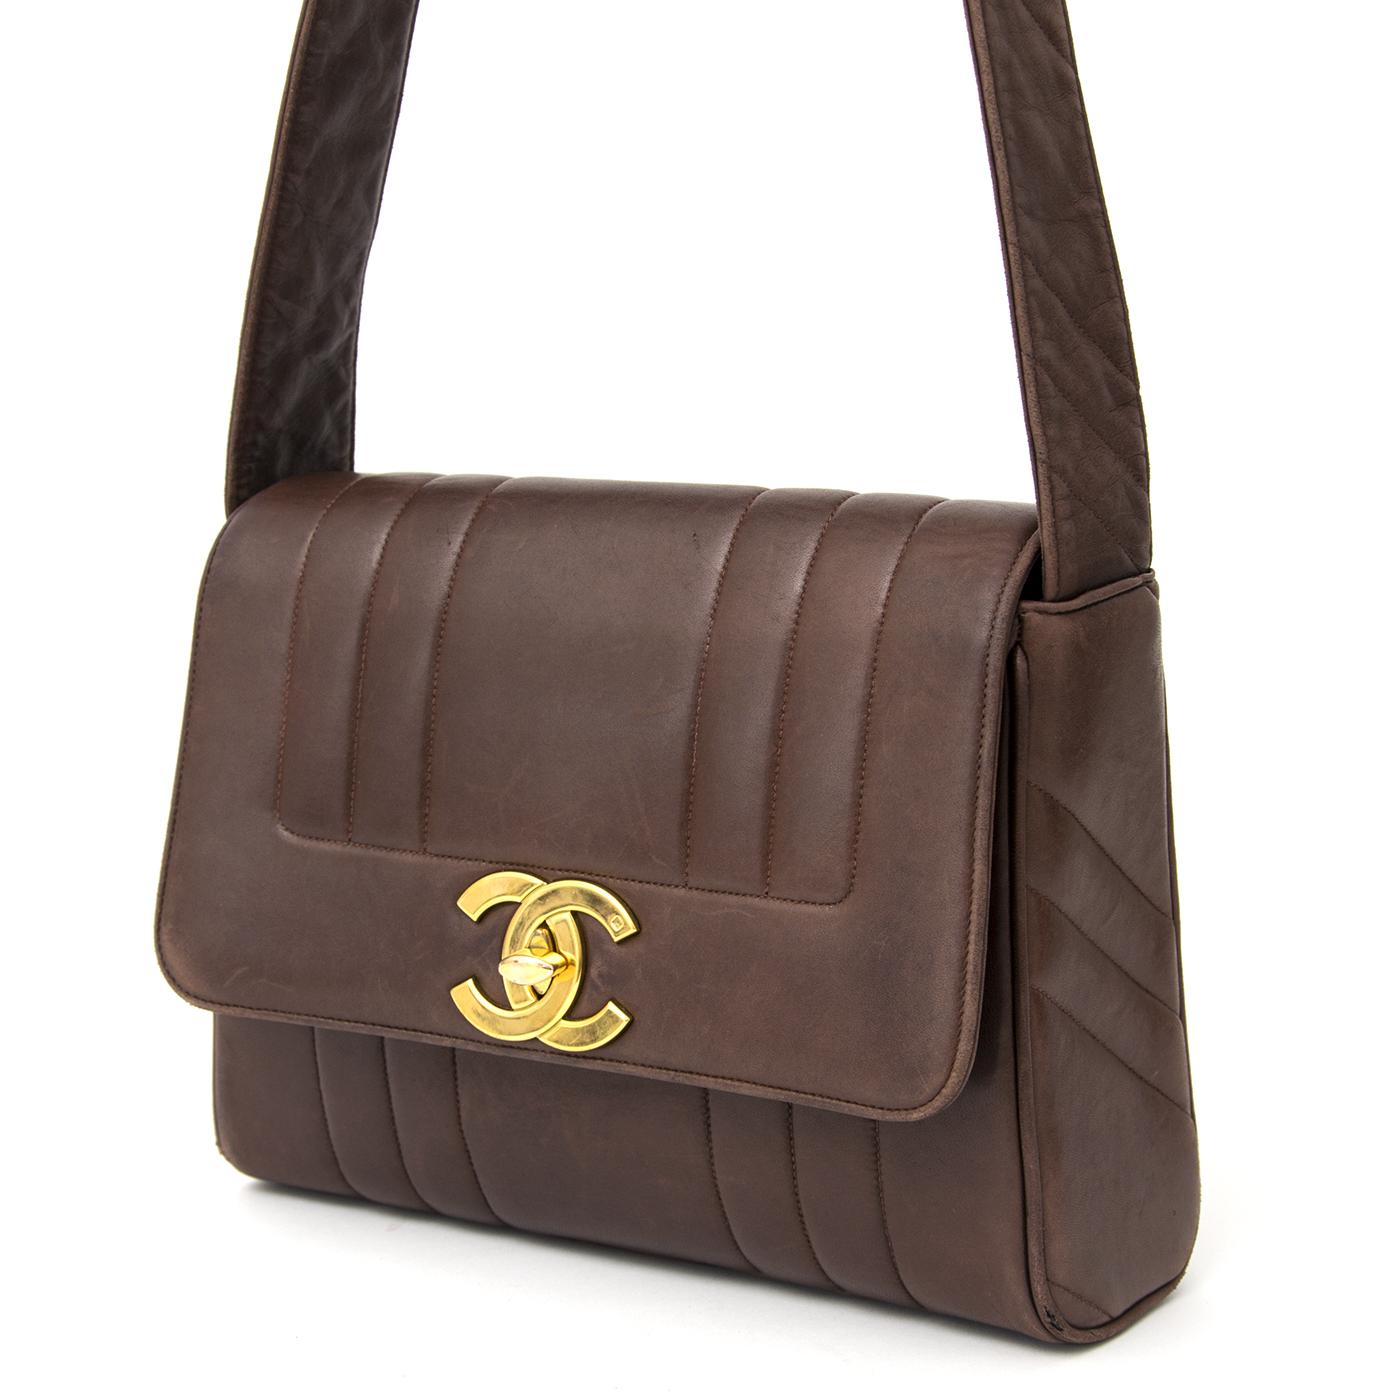 ... koop veilig online aan de beste prijs Chanel Bag Brown online webshop  labellov.com 49deca08955a